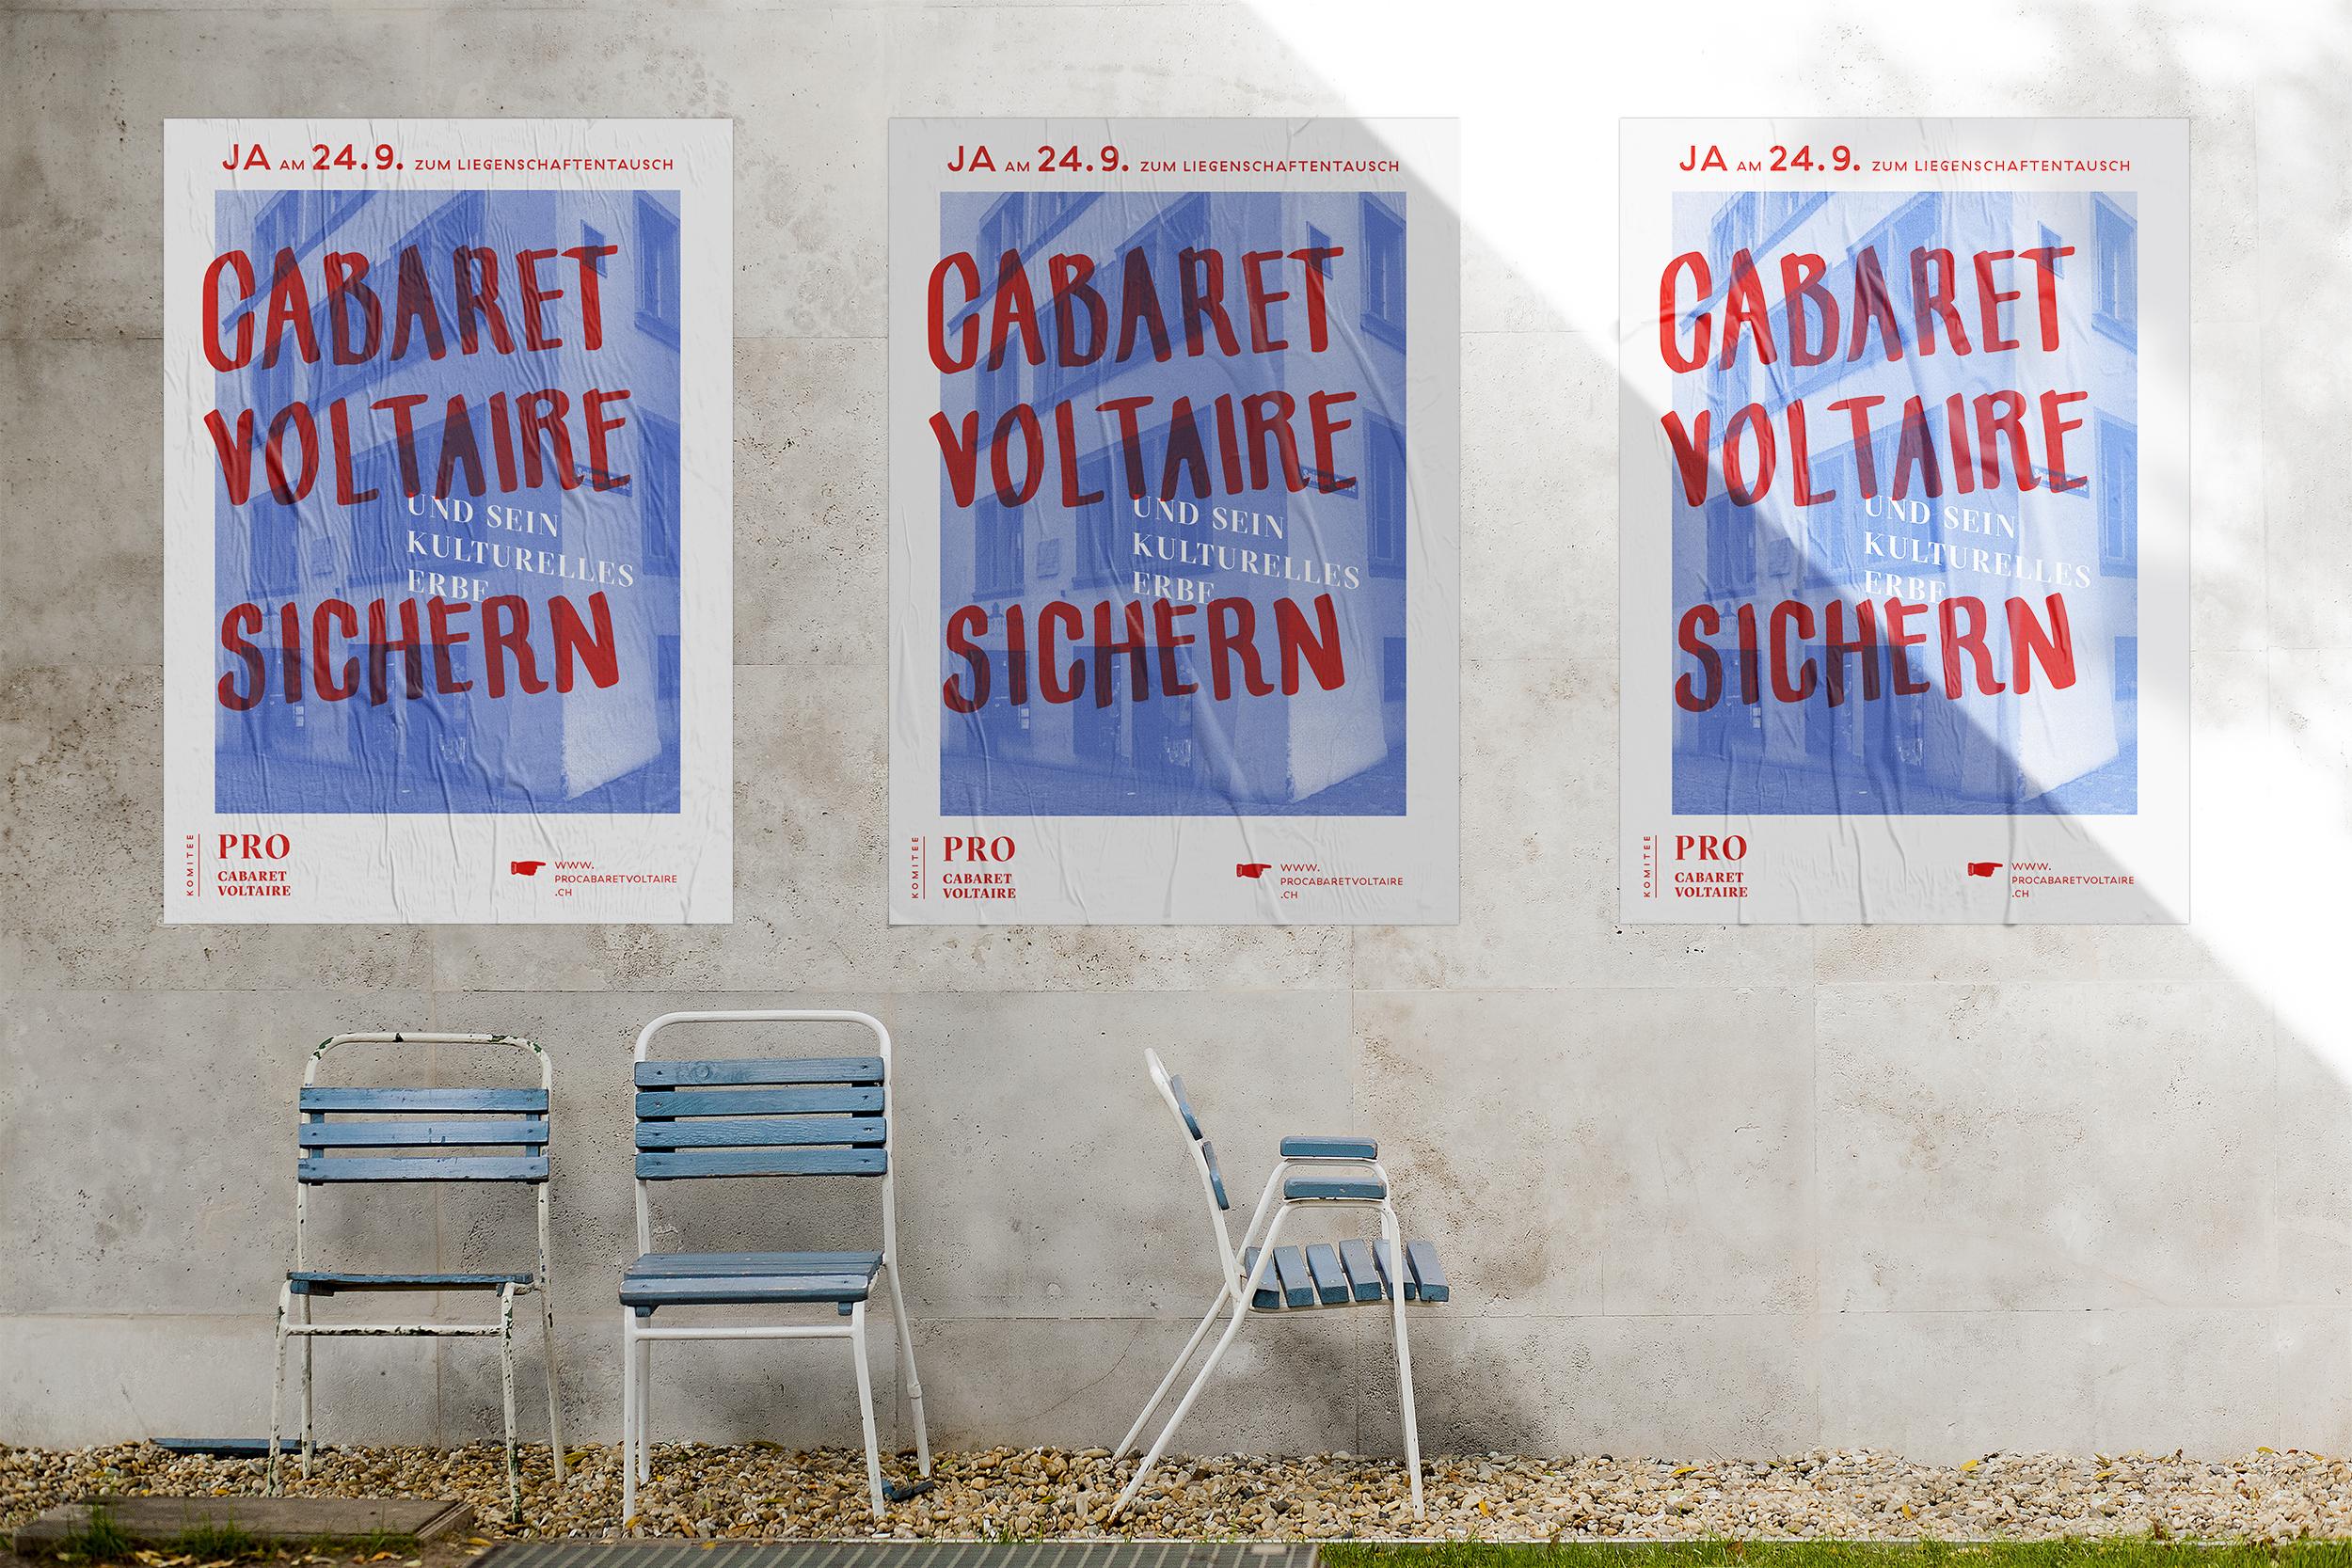 Drei Poster im Design der Abstimmungskampagne an einer Hauswand.